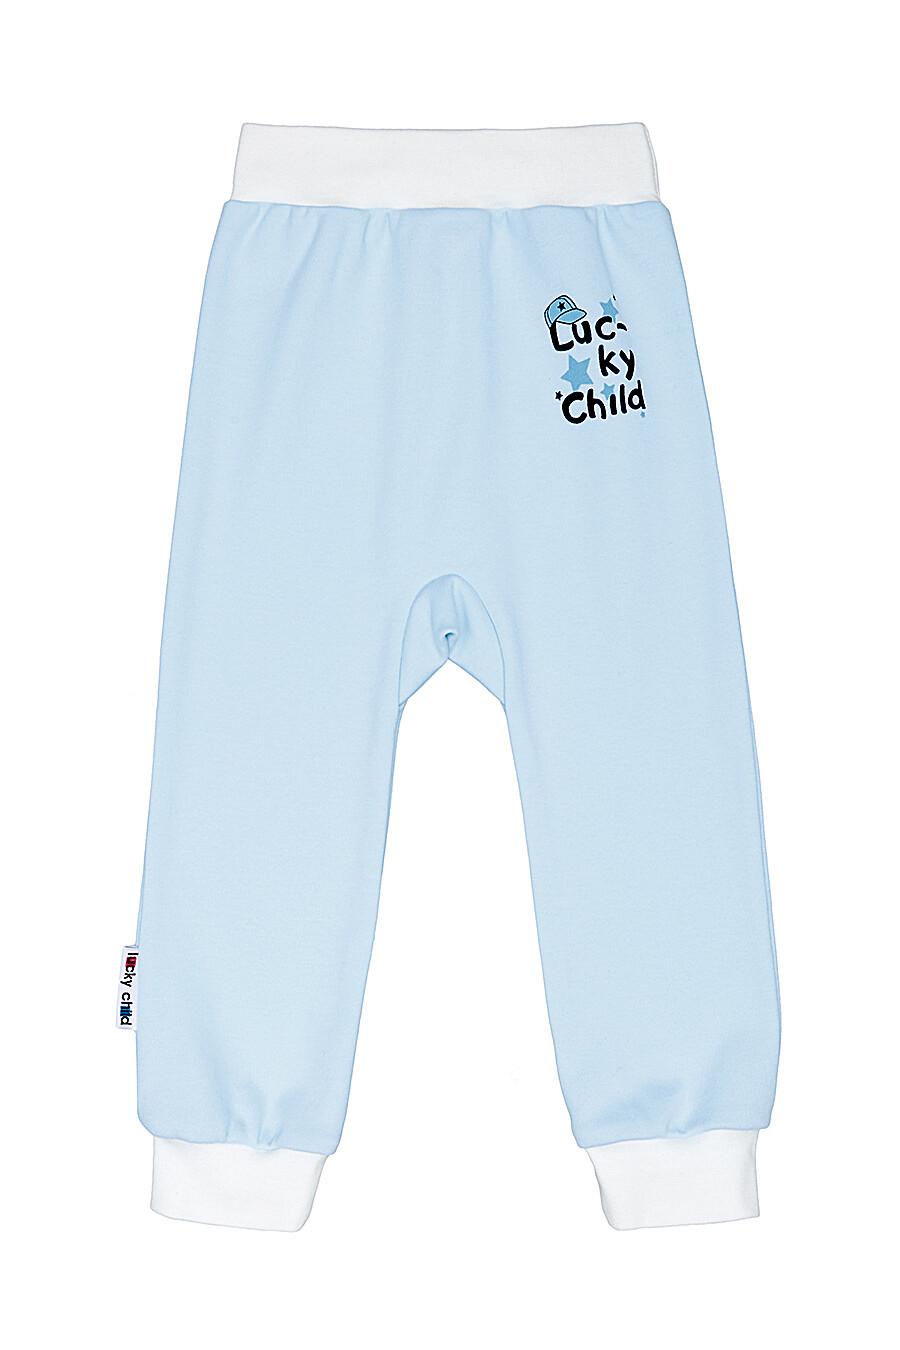 Брюки для мальчиков LUCKY CHILD 184805 купить оптом от производителя. Совместная покупка детской одежды в OptMoyo